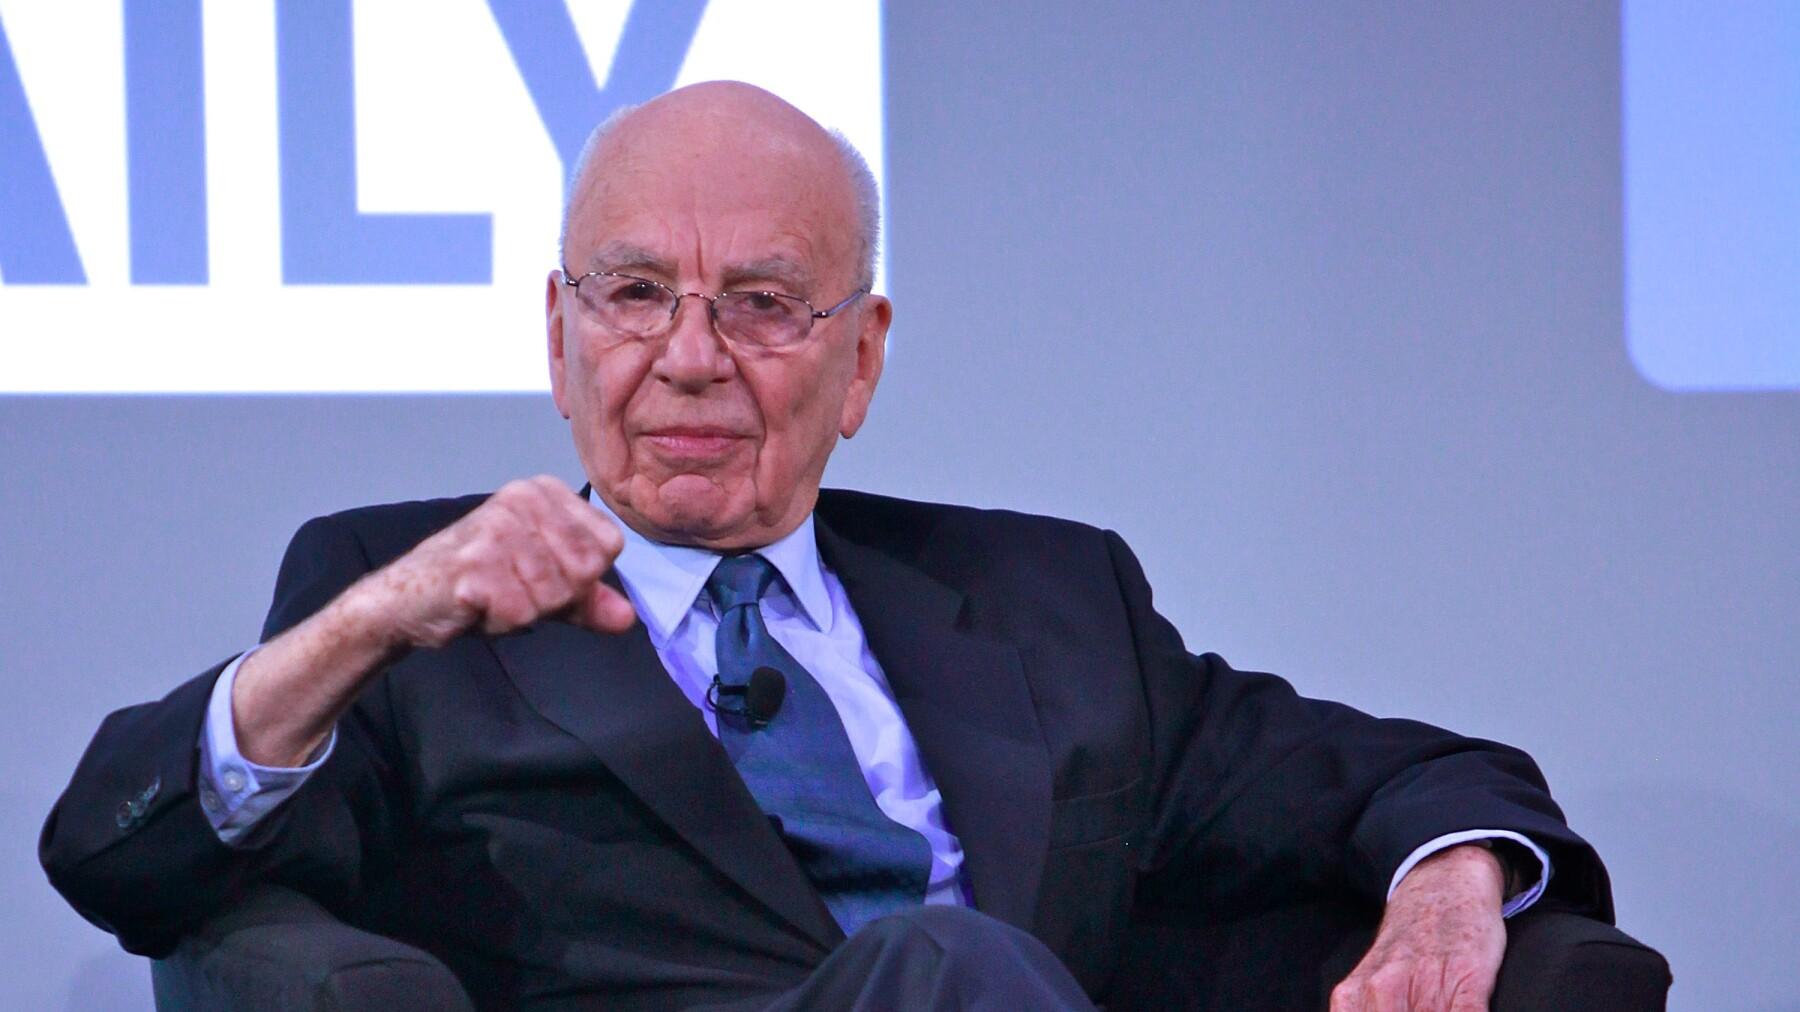 Rupert Murdoch, influyente empresario de los medios estadounidenses, respaldó recientemente la candidatura de Trump.